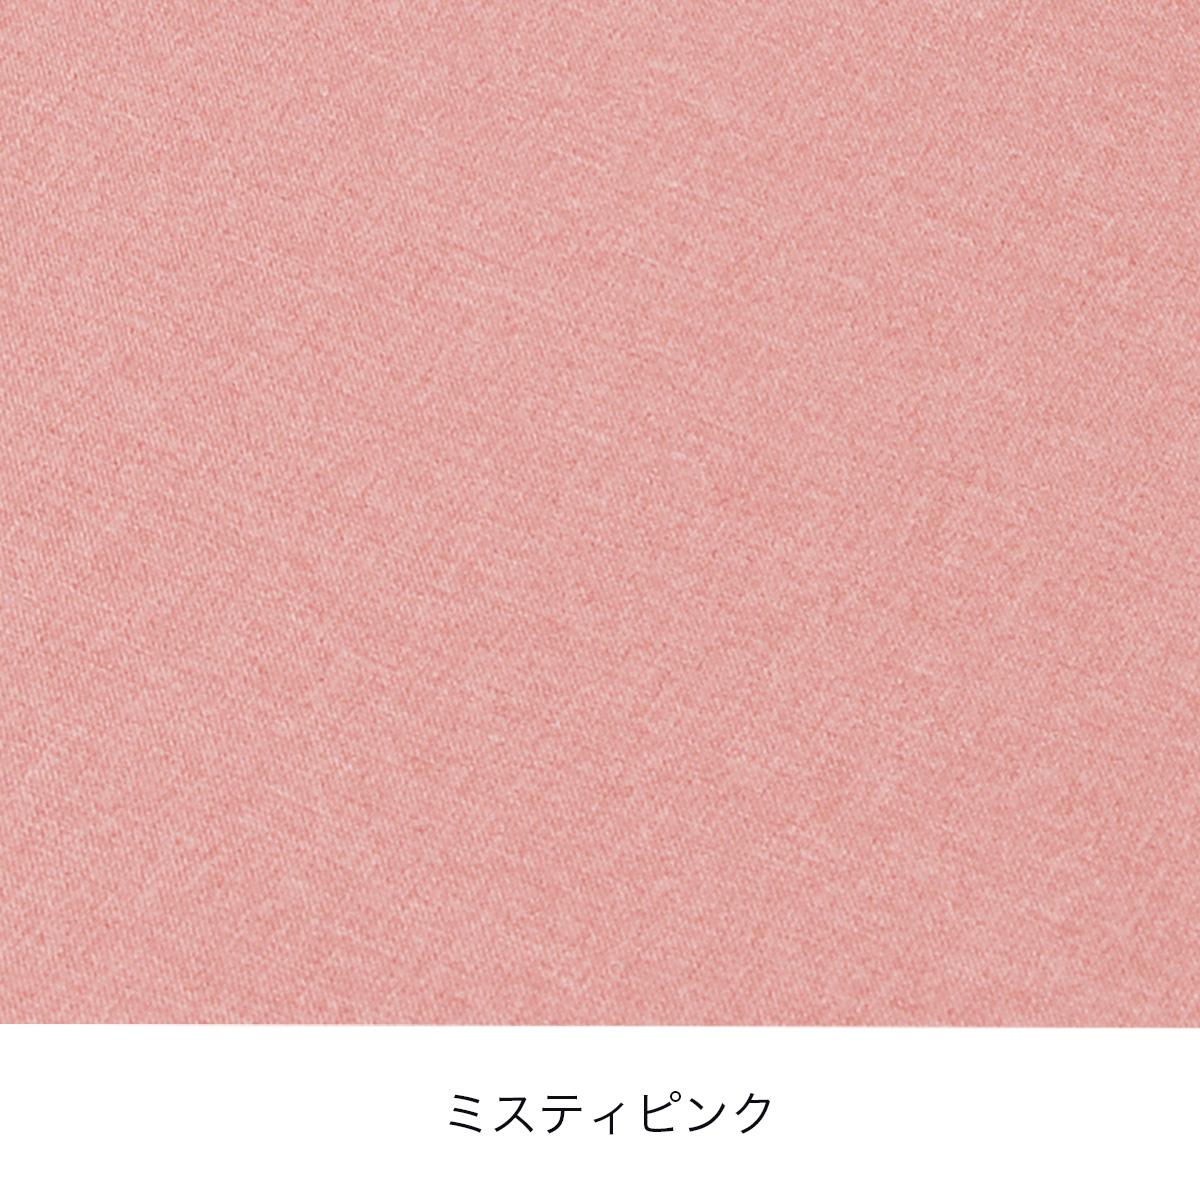 床プニフィット専用カバー